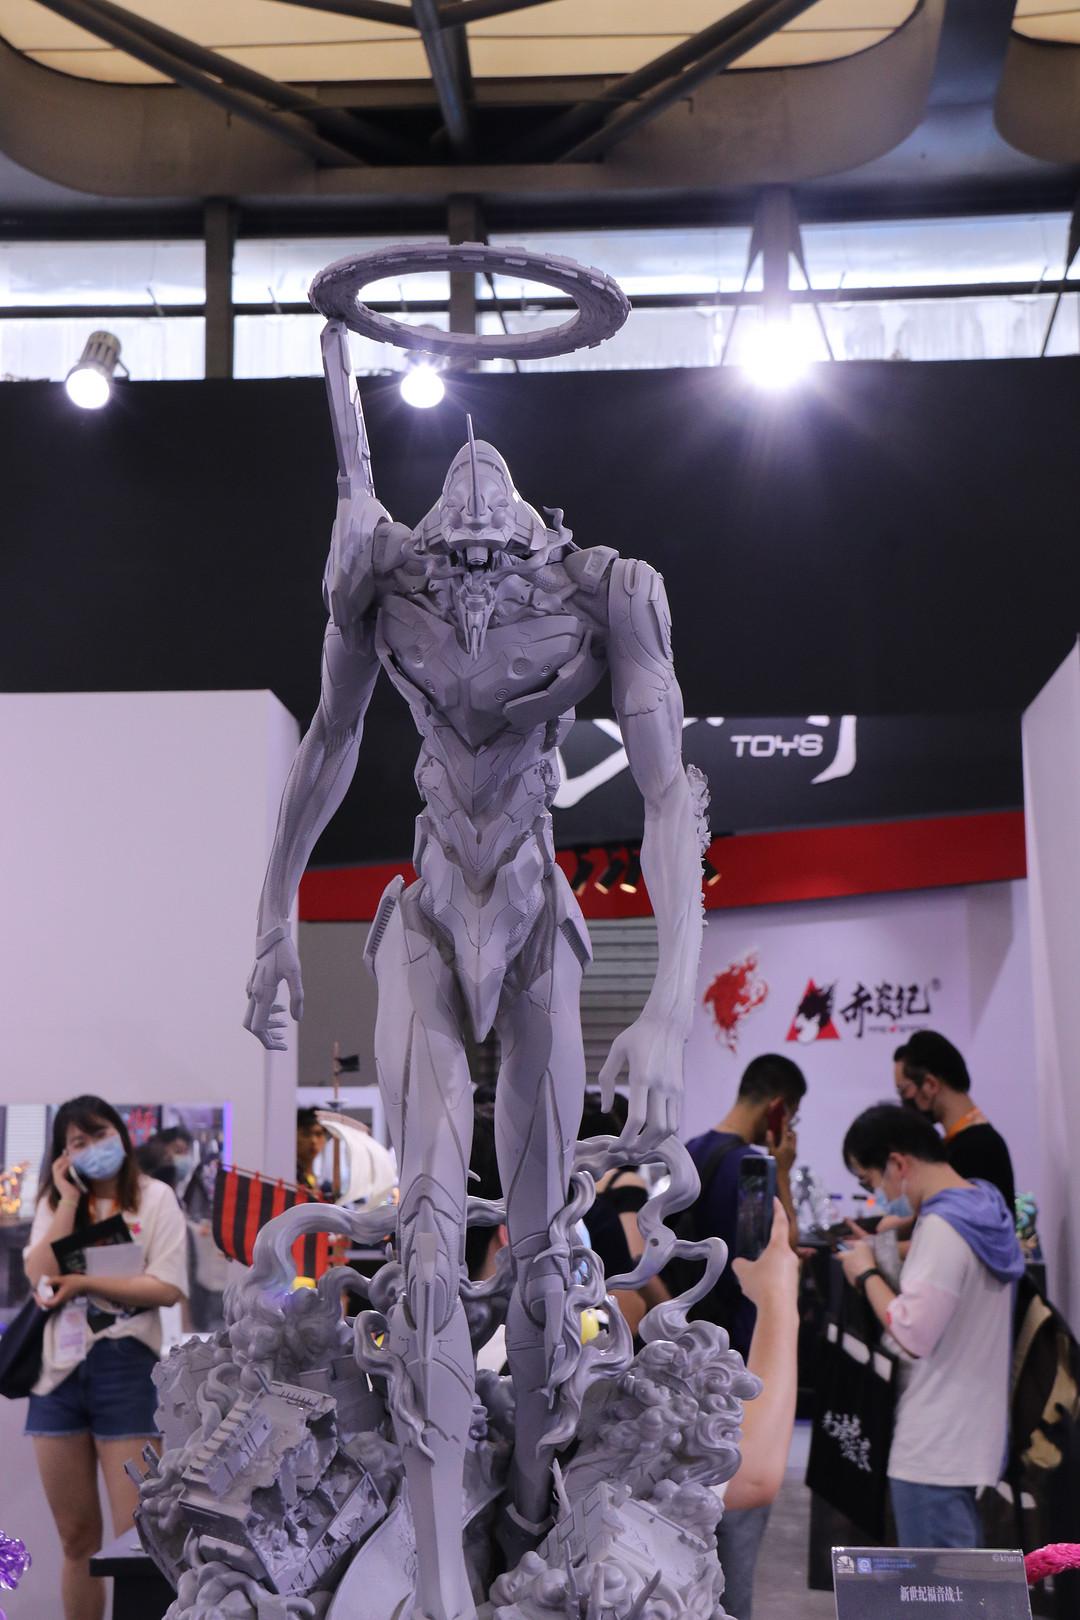 玩模总动员:开天工作室 x《鬼灭之刃》全新作品 WF上海首秀